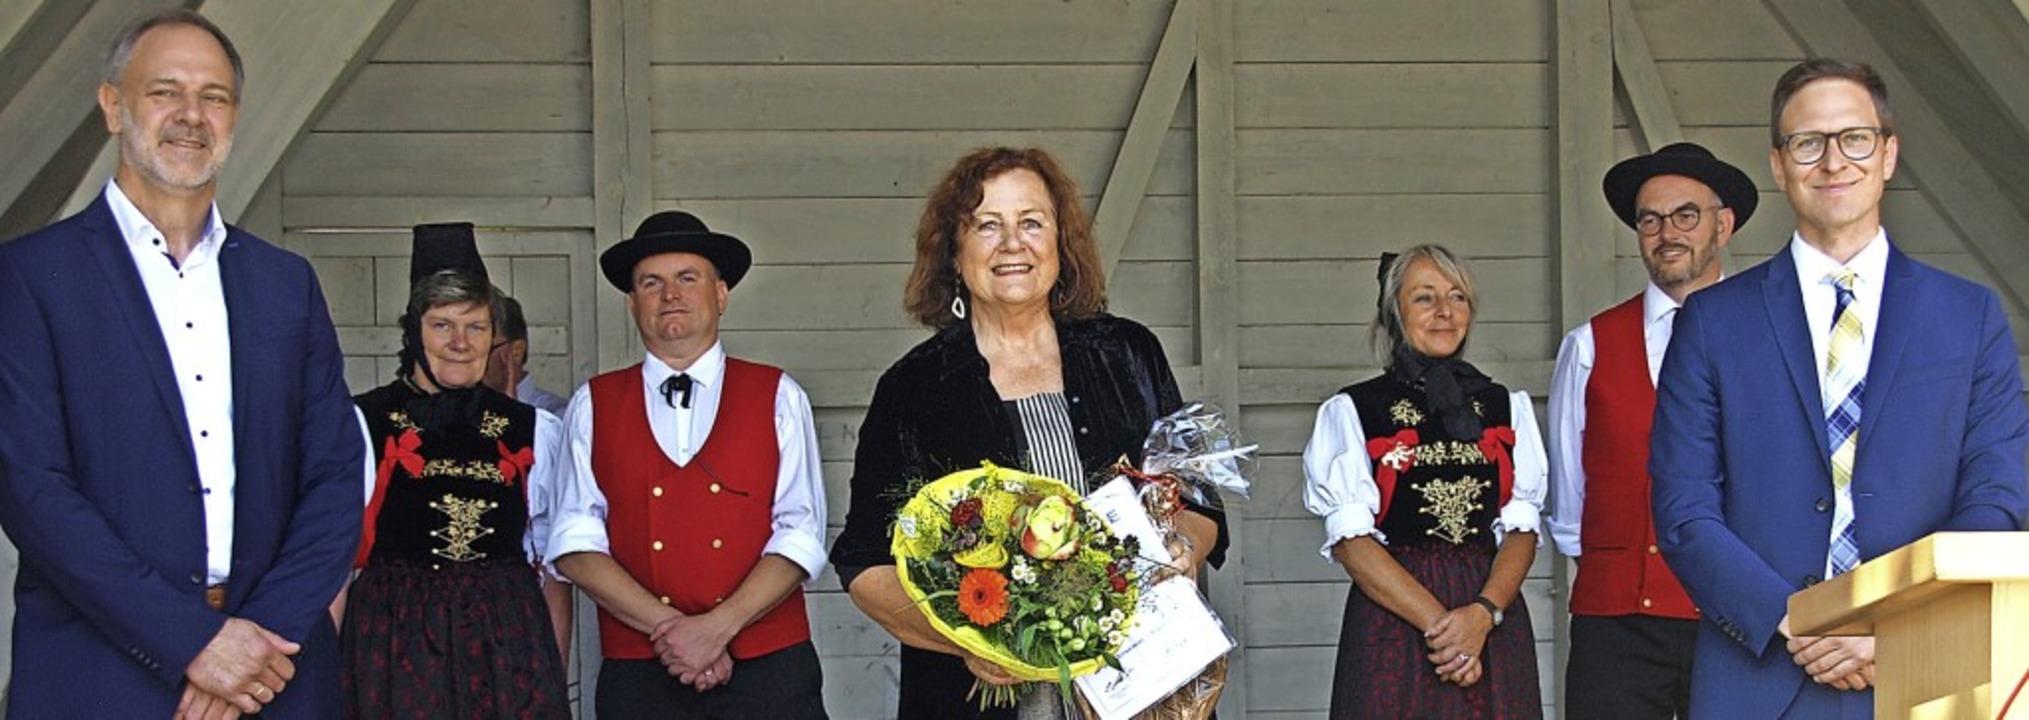 Bei  traditionell strahlendem Sonnensc...umrahmte die Verleihung stimmungsvoll     Foto: Karin Stöckl-Steinebrunner